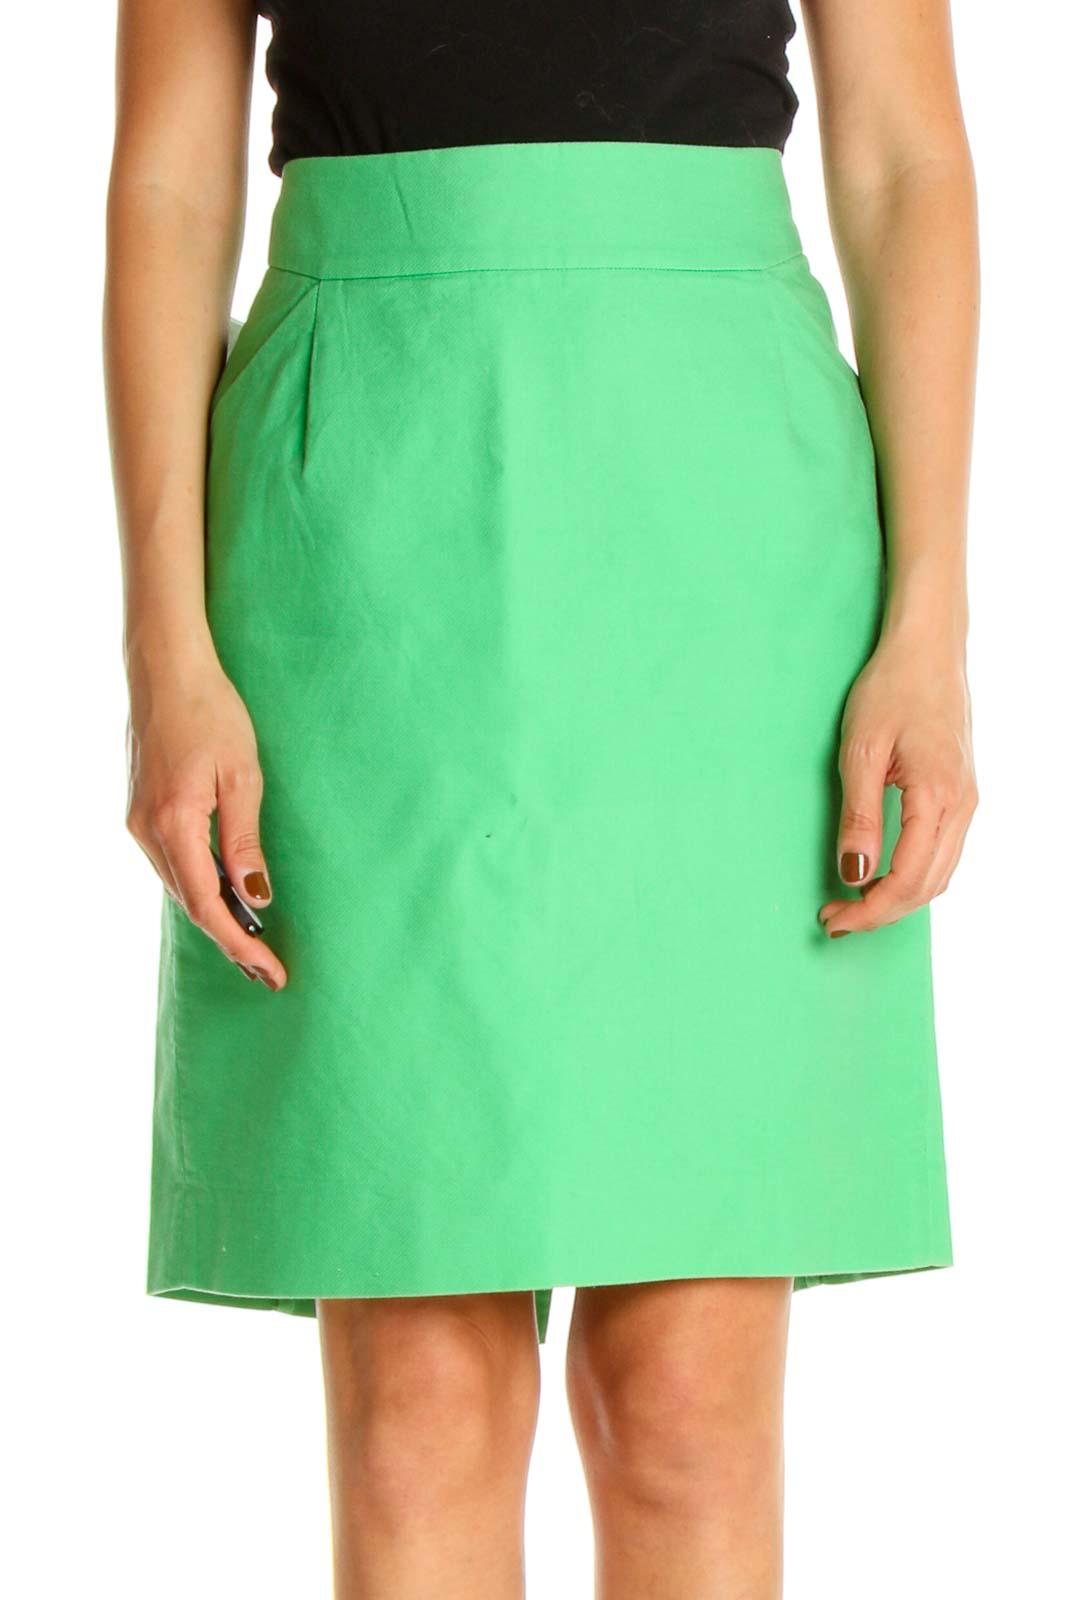 Green Brunch A-Line Skirt Front